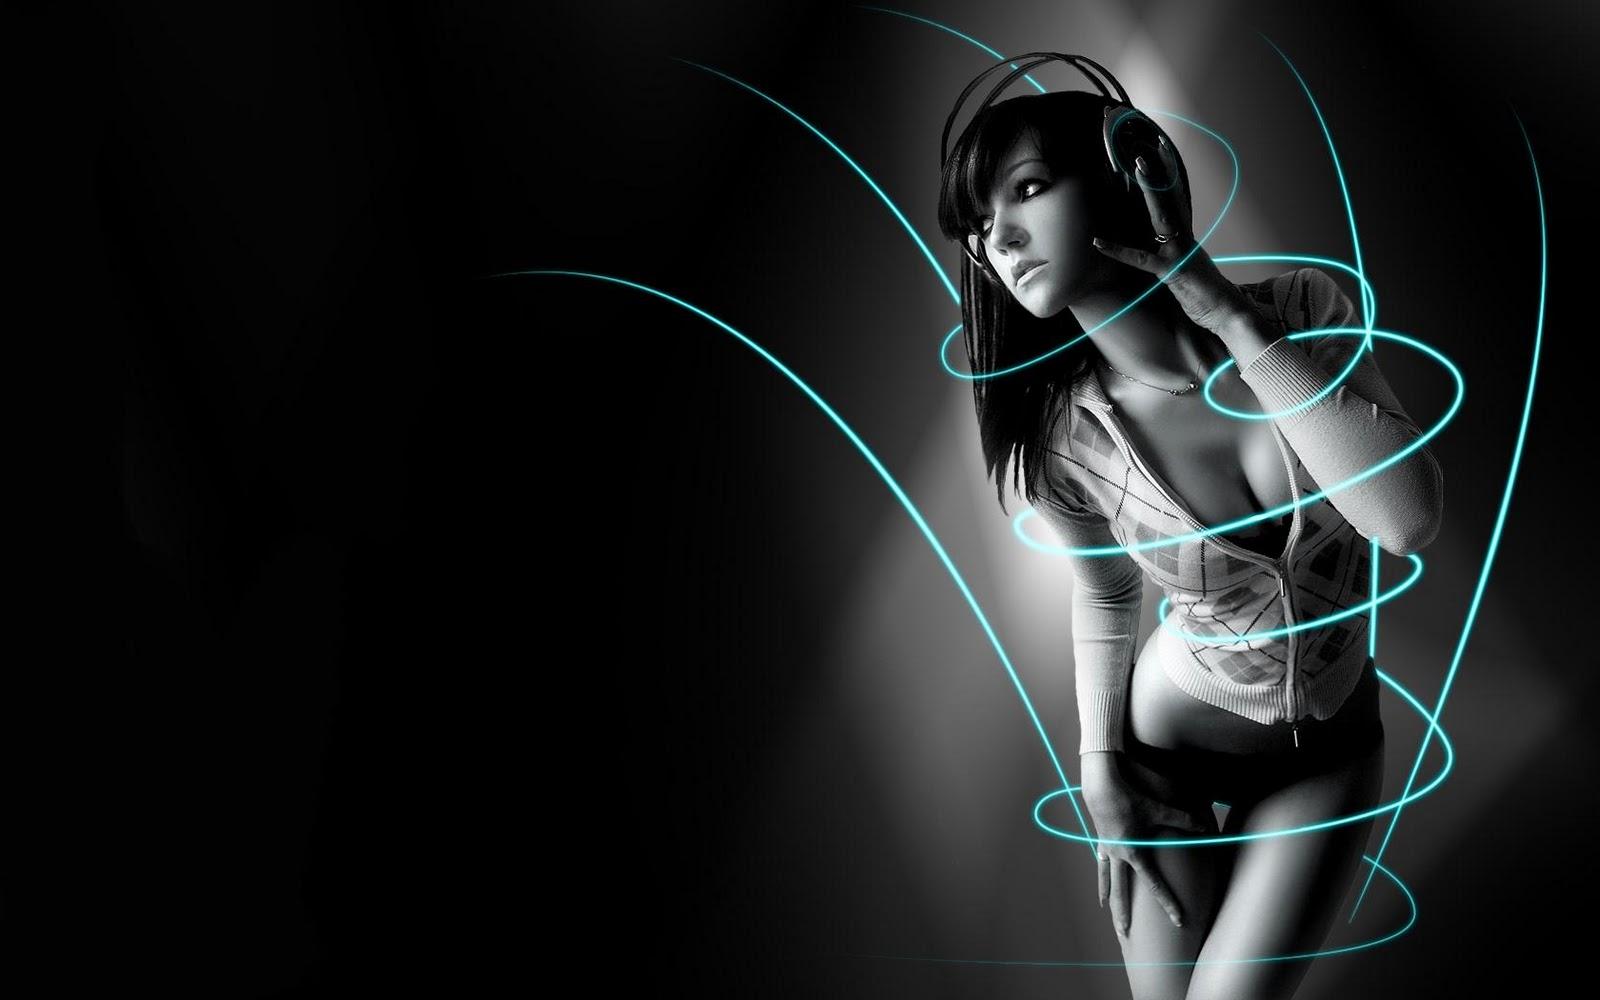 http://1.bp.blogspot.com/_R0i_0FPIChA/TOWJsXpRk1I/AAAAAAAAALc/Mnx0JyZ5qH8/s1600/1287957203129.jpg